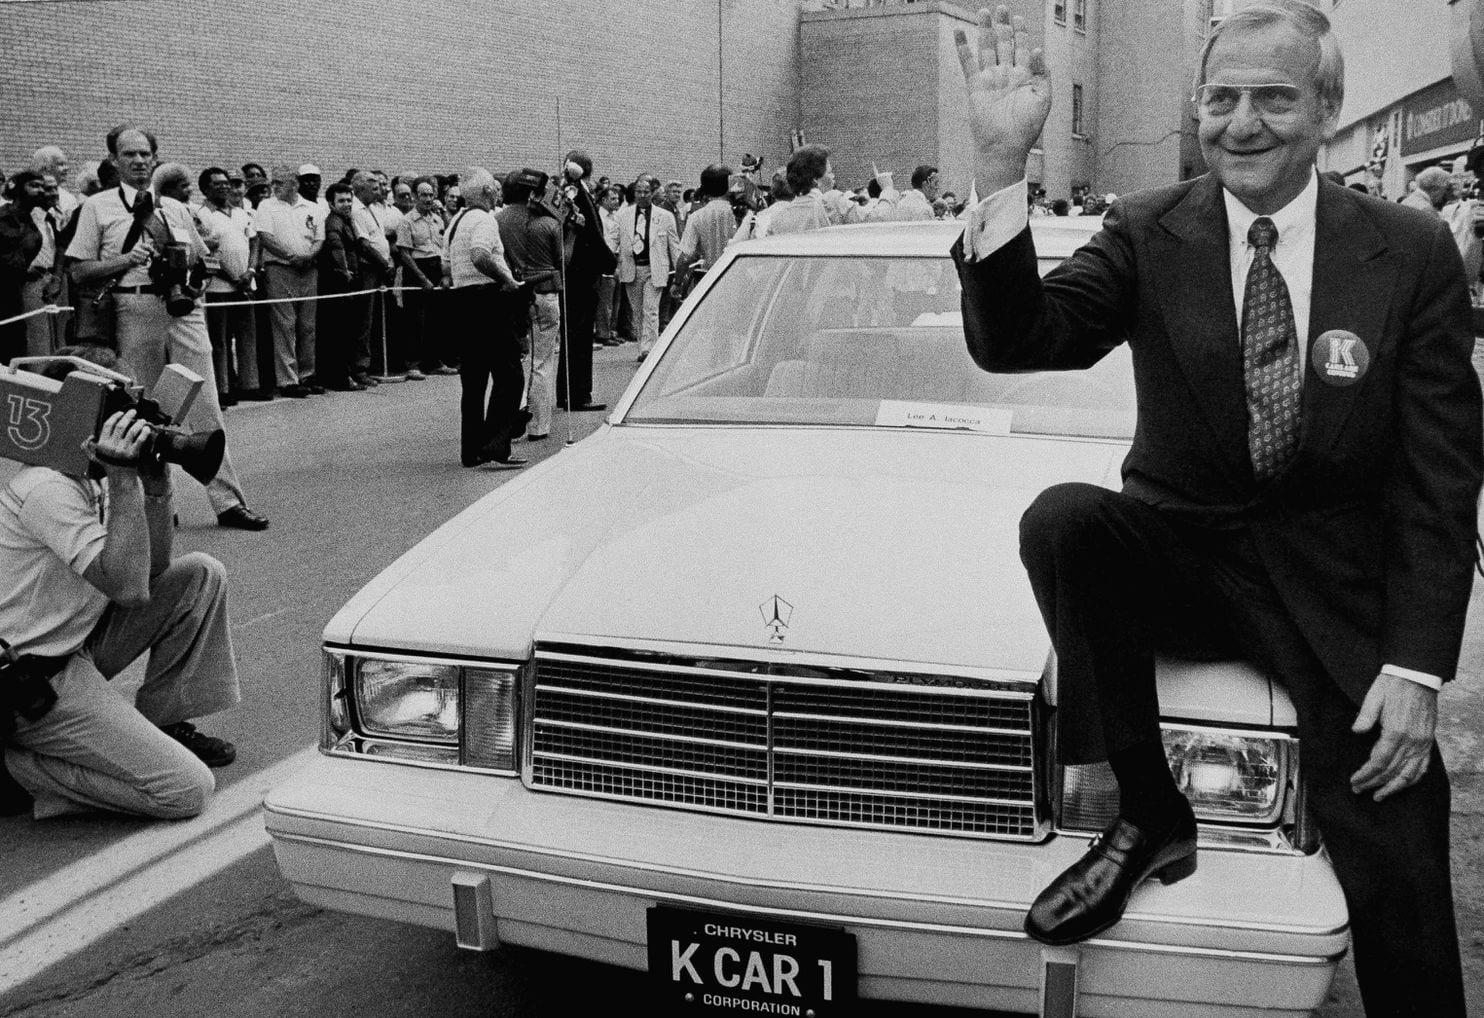 Falleció Lee Iacocca, uno de los grandes iconos de la industria automotriz